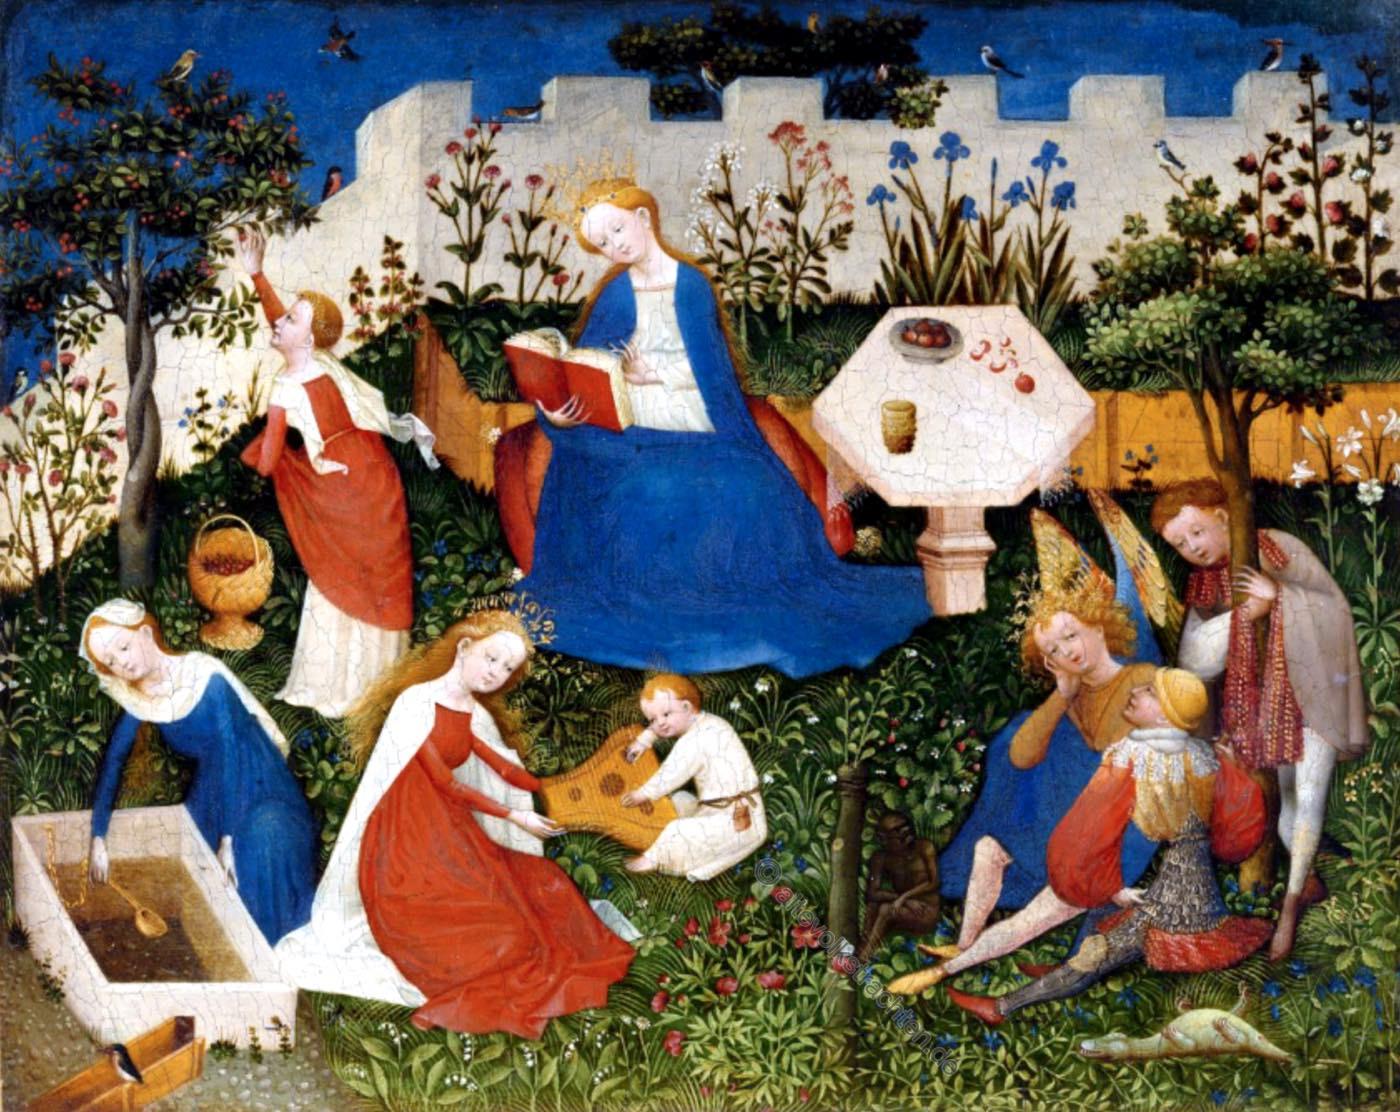 Maria, Rosengarten, Mittelalter, Garten, Gemälde